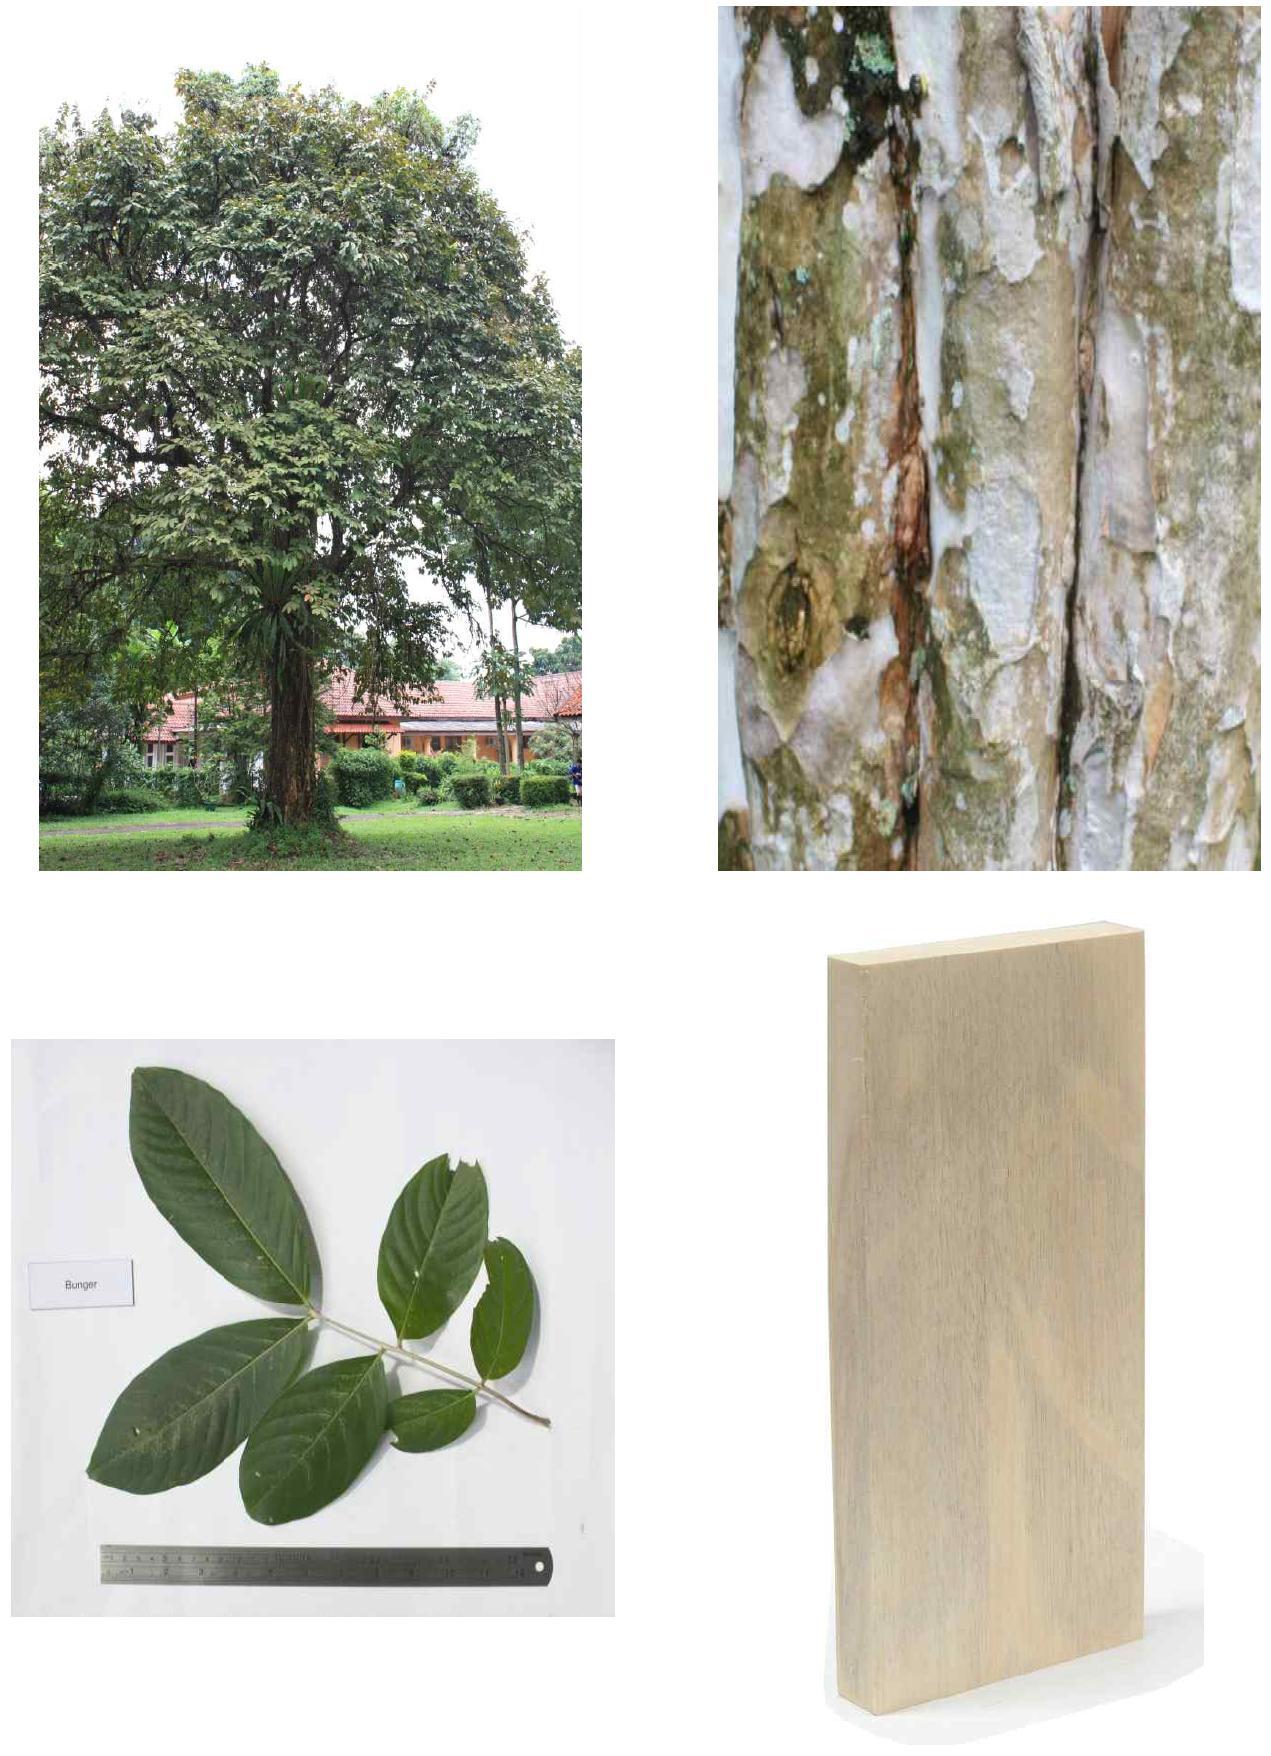 Bungur의 전체수형, 수피, 잎 및 재면.